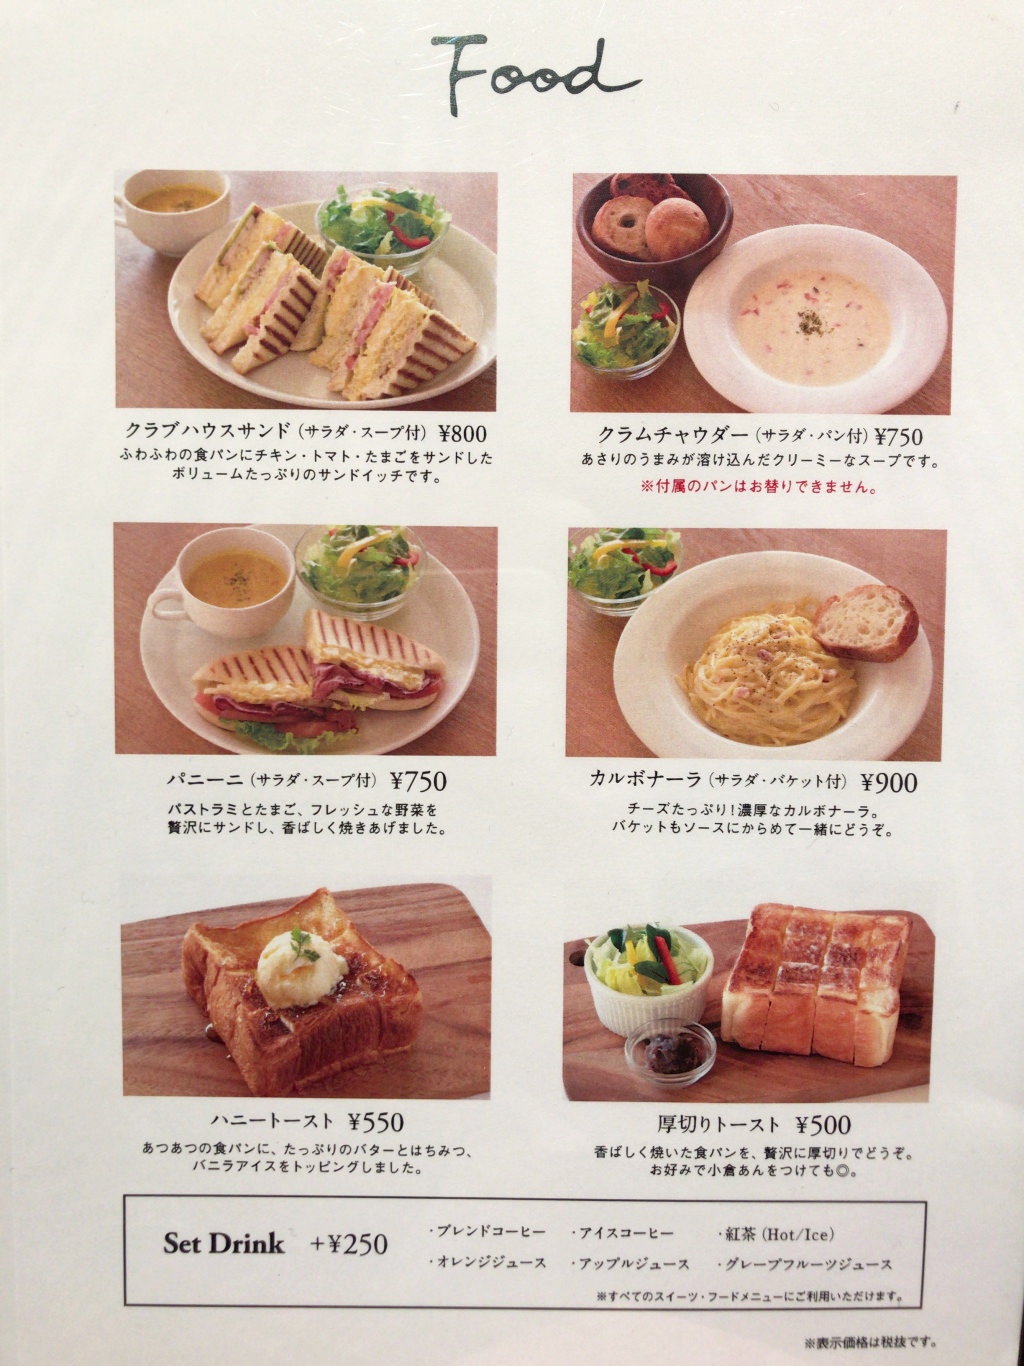 「治一郎 静岡パルコ店」のカフェのフードメニュー